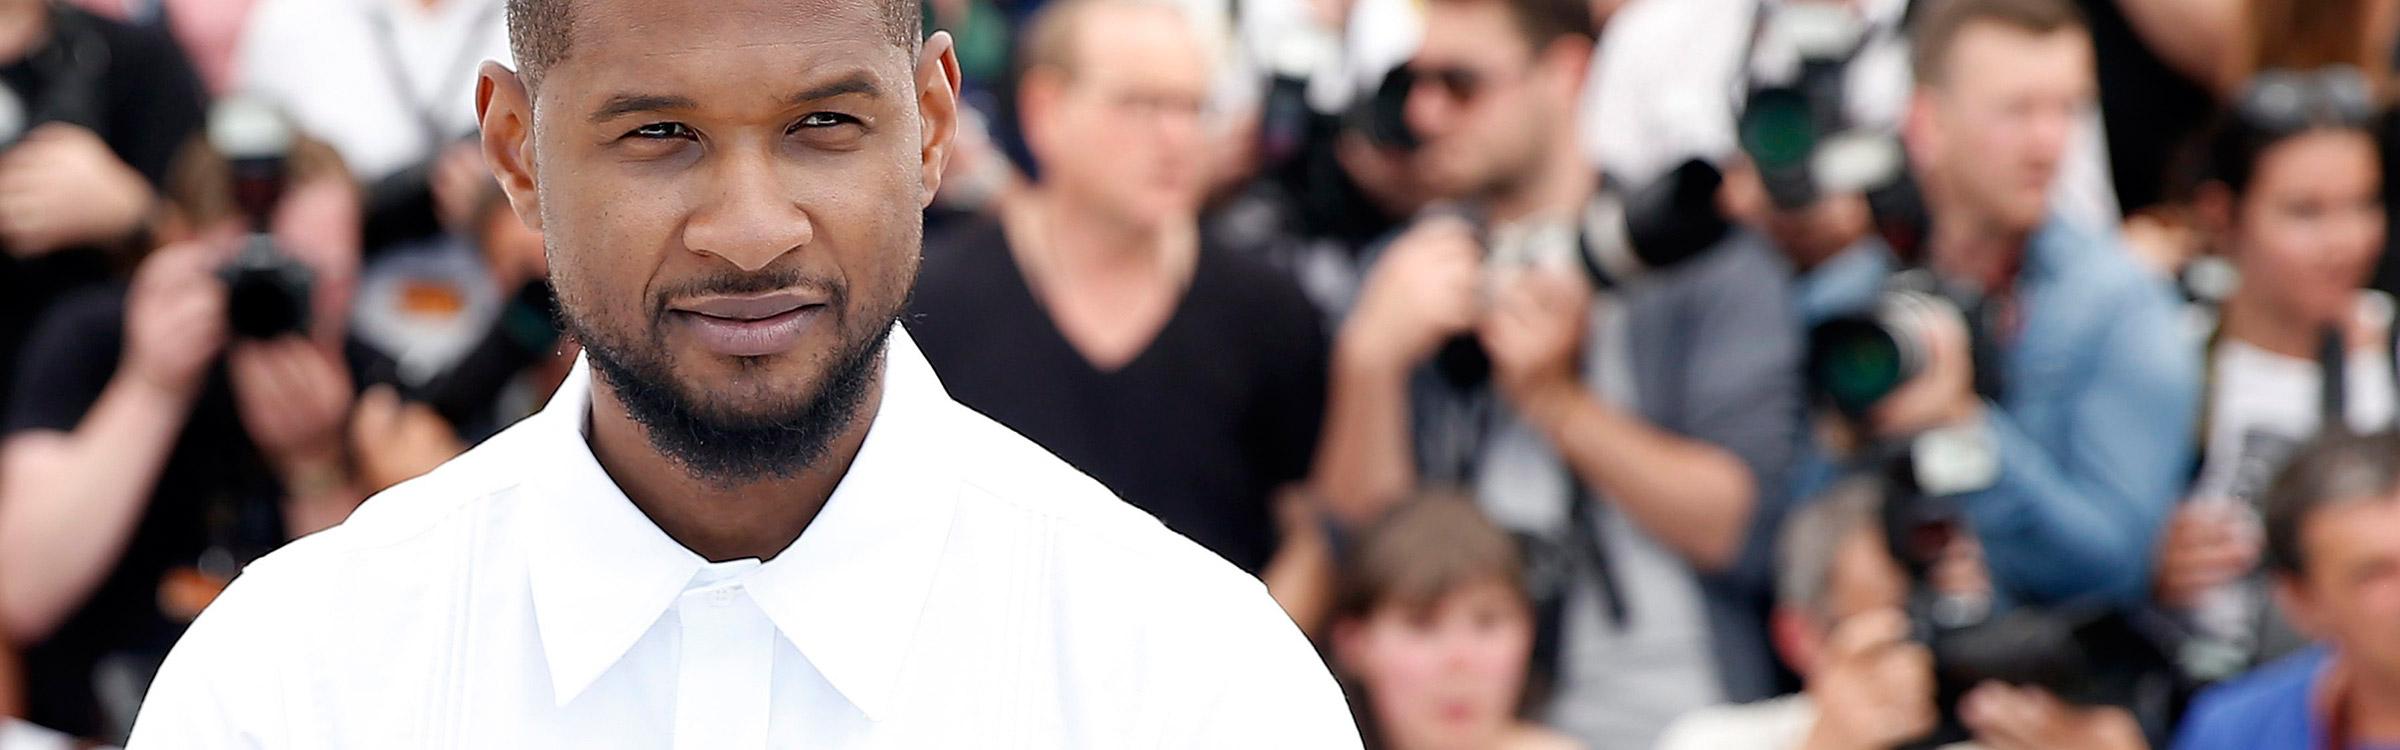 Usher header